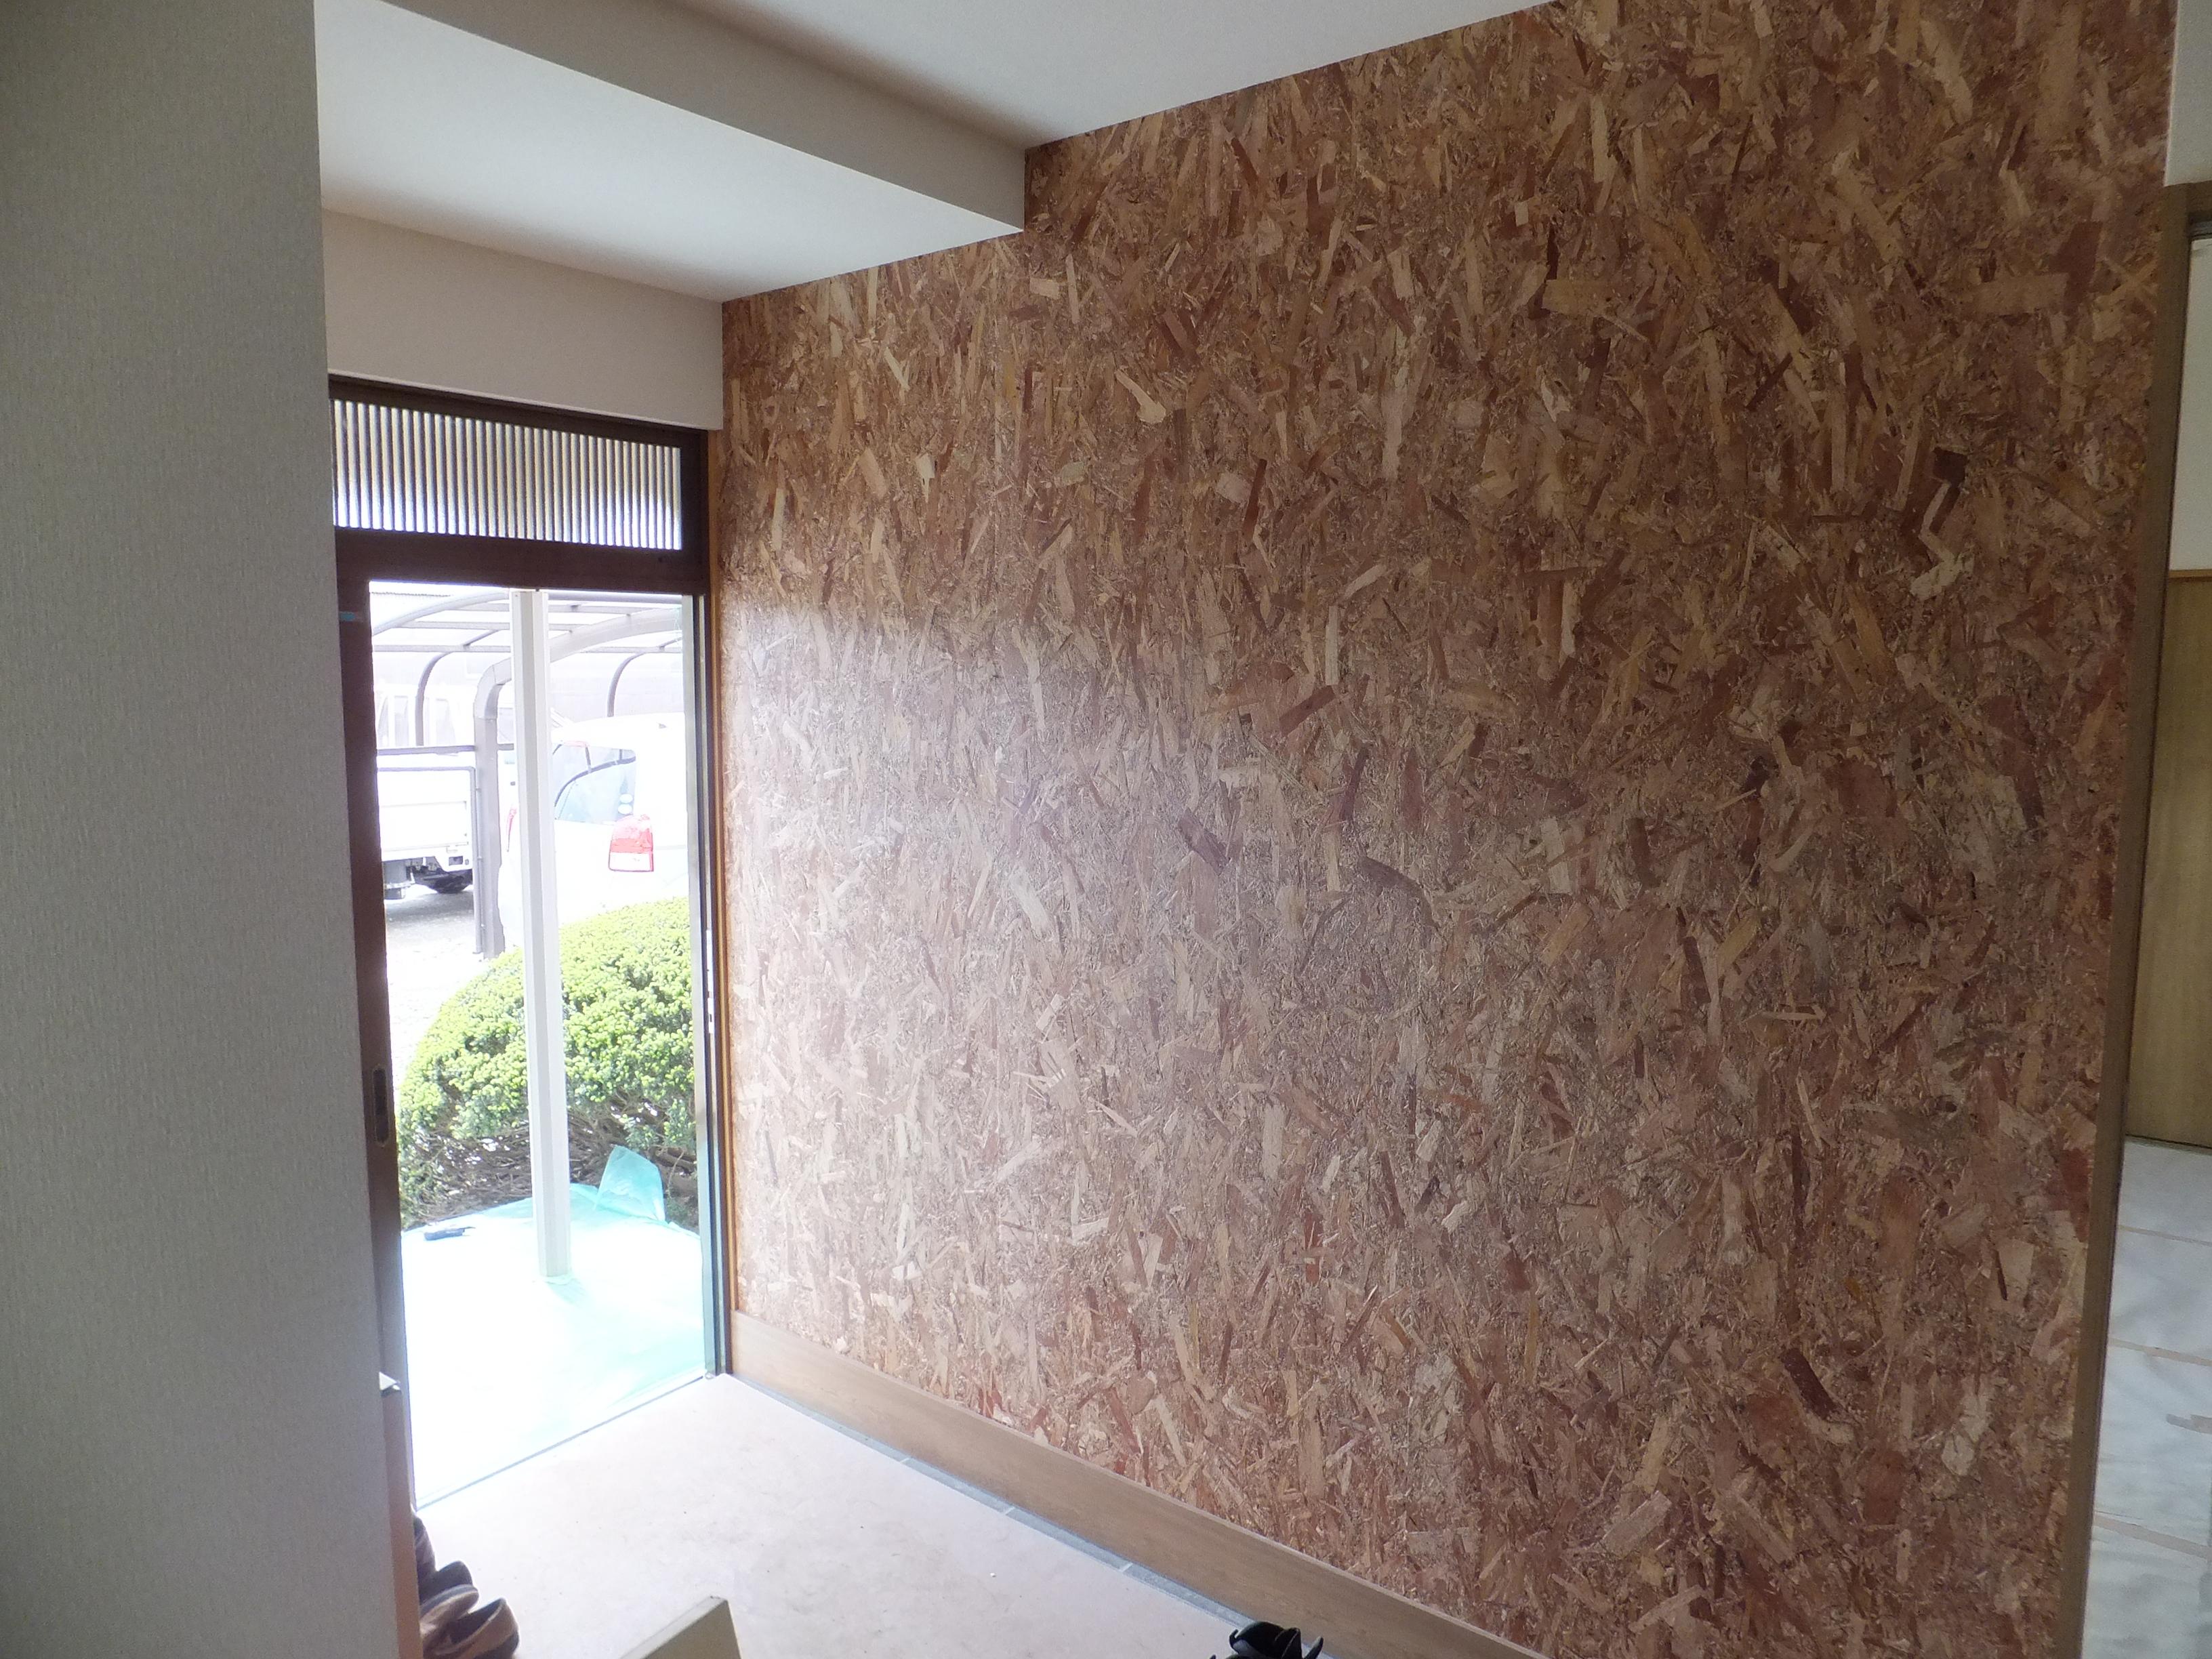 木の温かみを感じていただけるよう壁の一面にOSBを貼り、空間のアクセントとして。